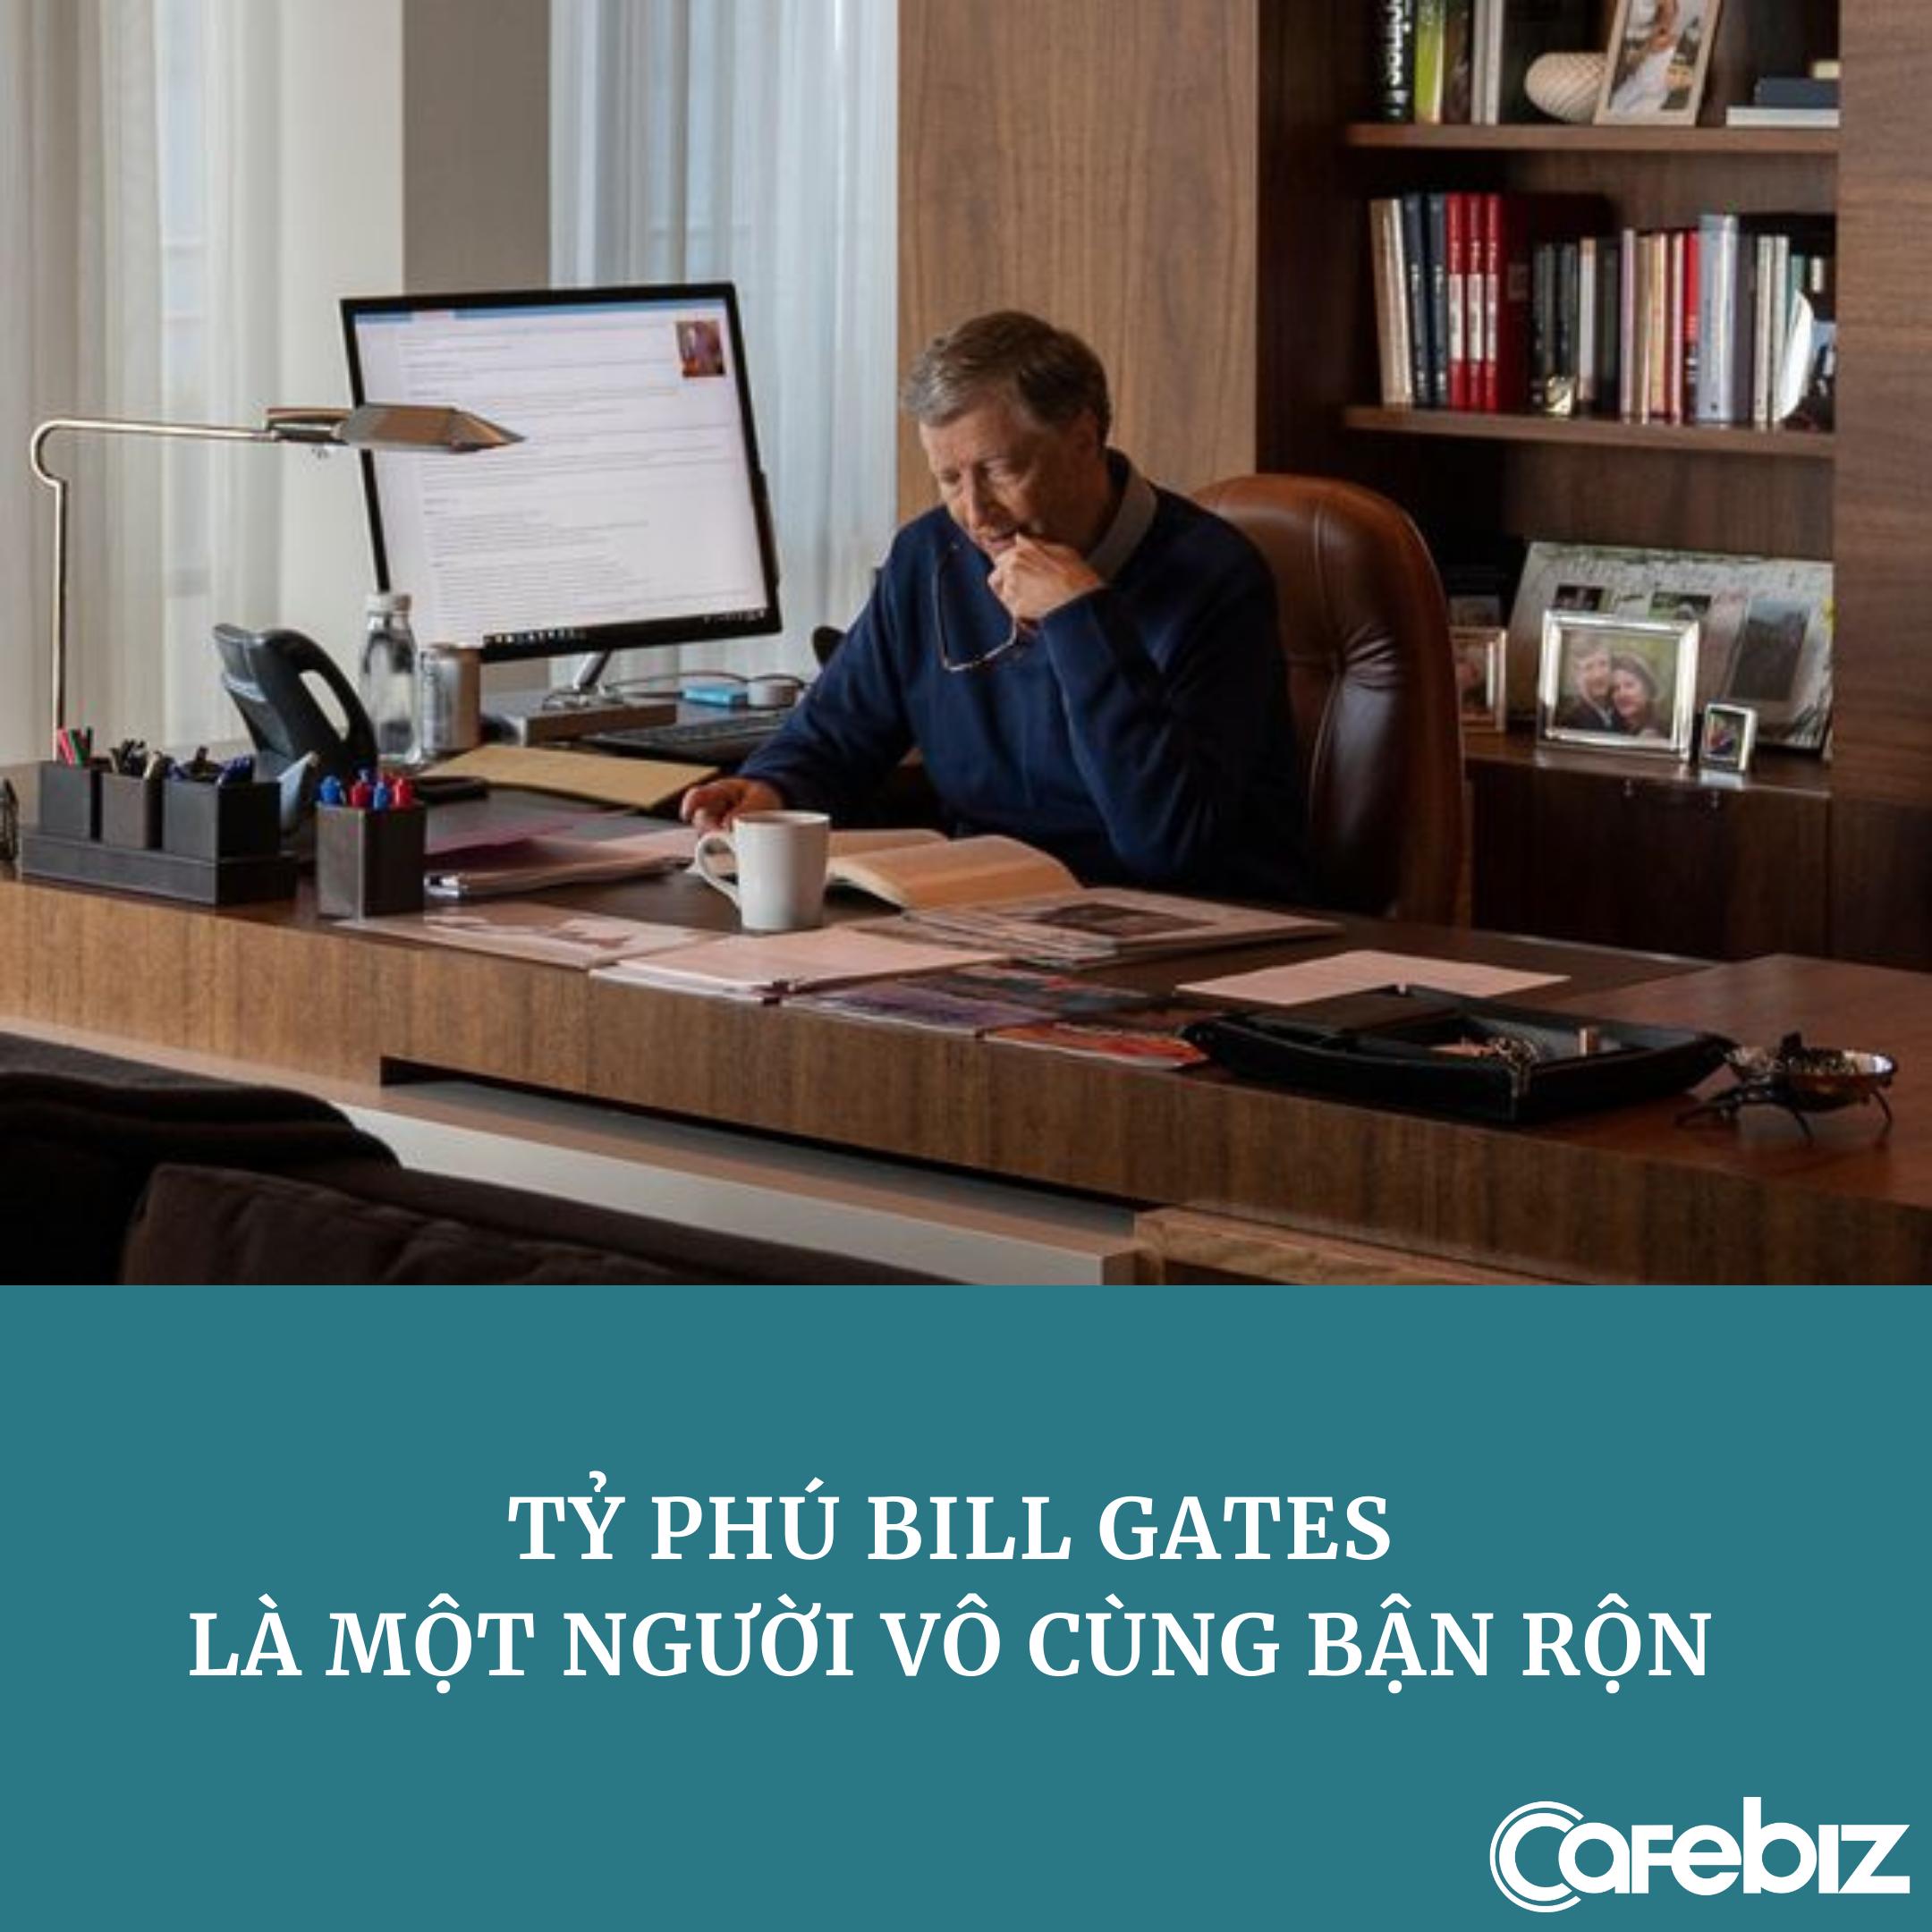 Bà Melinda gọi cuộc hôn nhân với Bill Gates là 'không thể cứu vãn', từ chối hỗ trợ lẫn nhau sau chia tay - Ảnh 2.